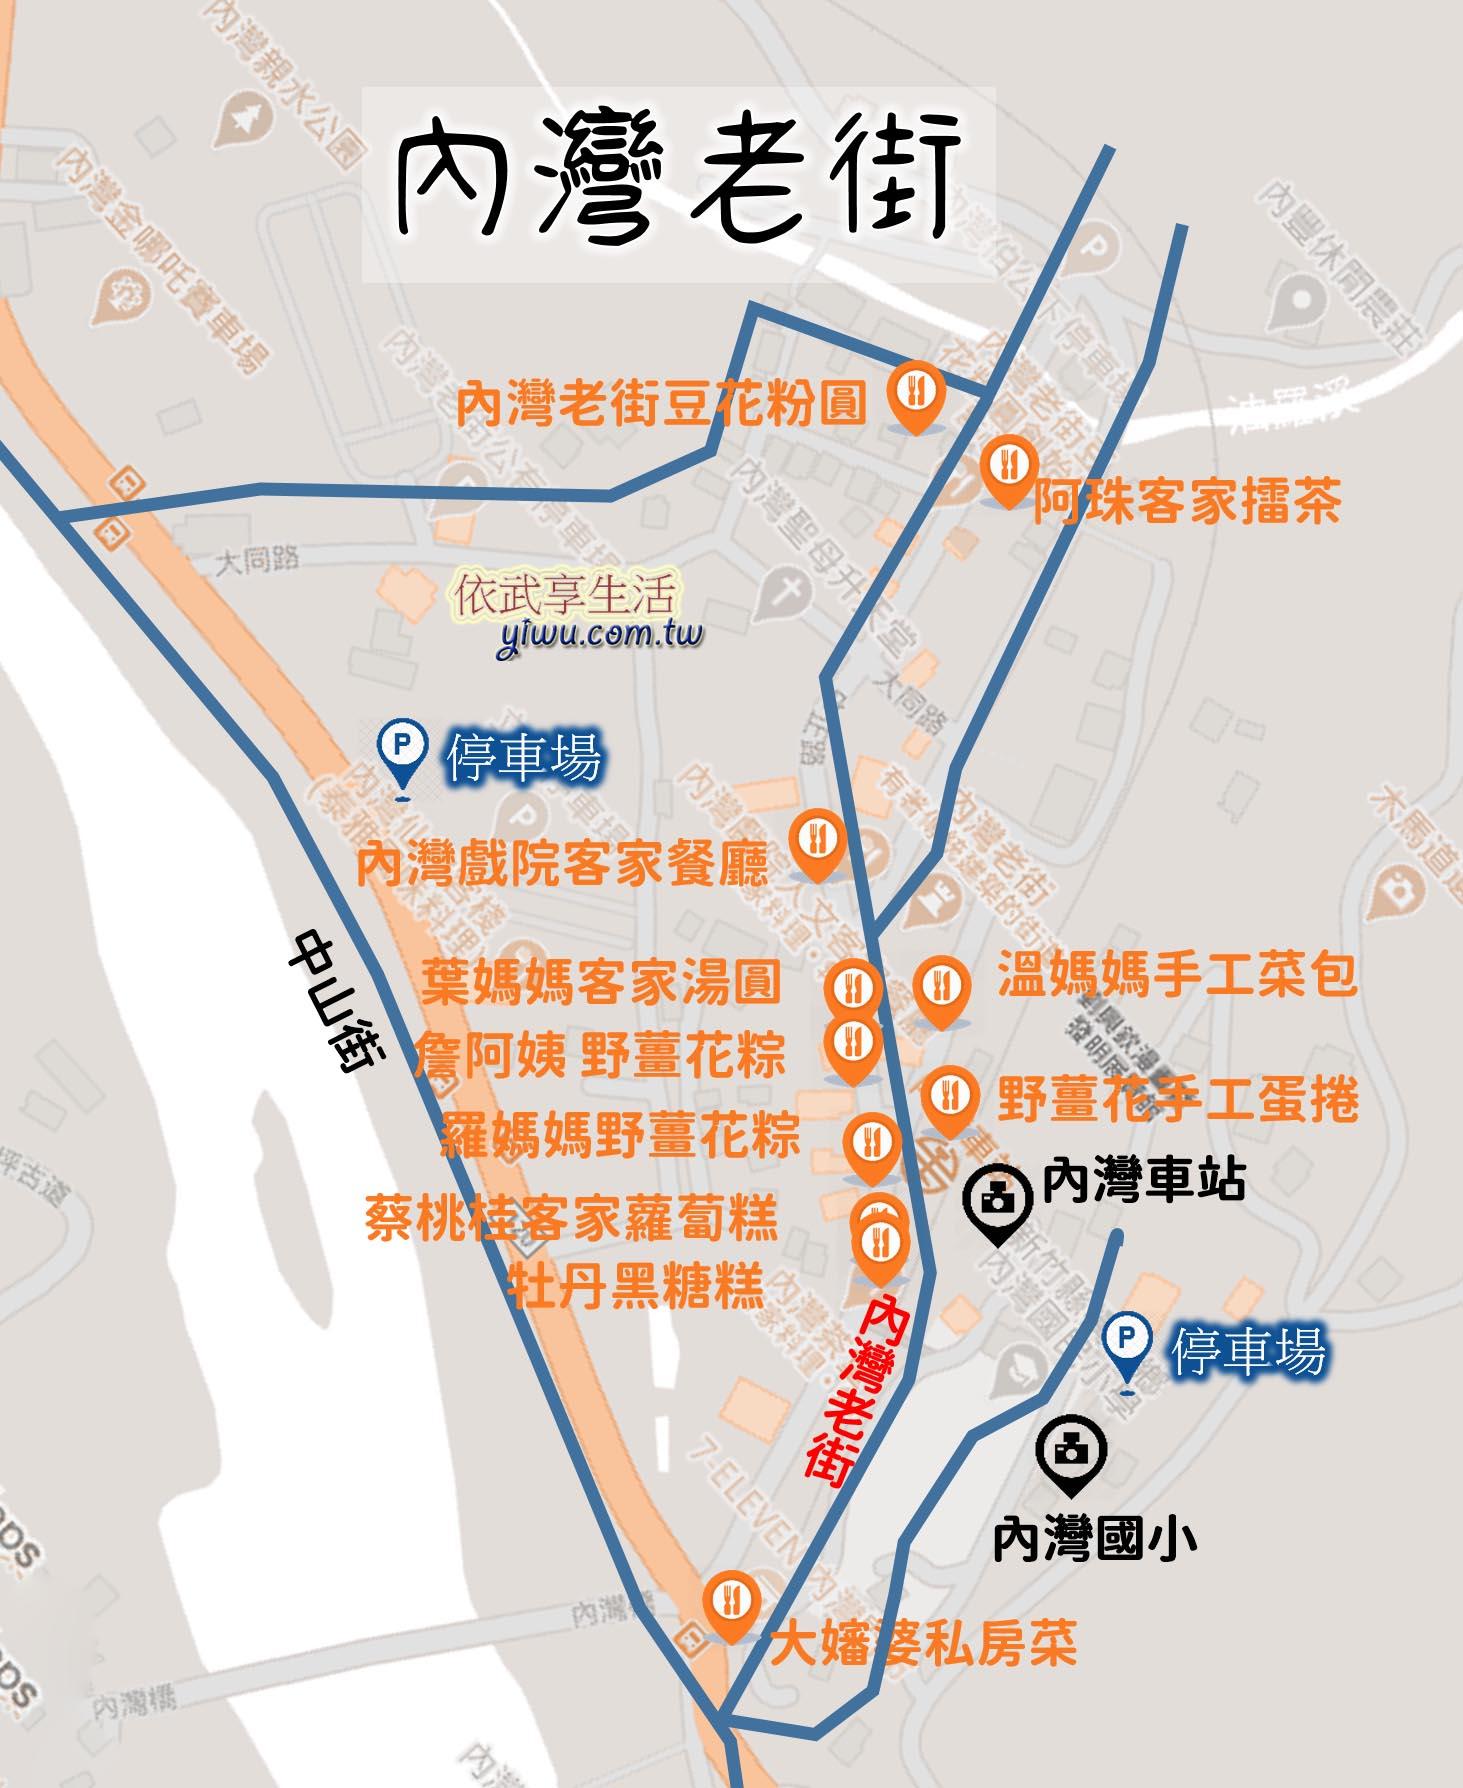 內灣老街美食地圖